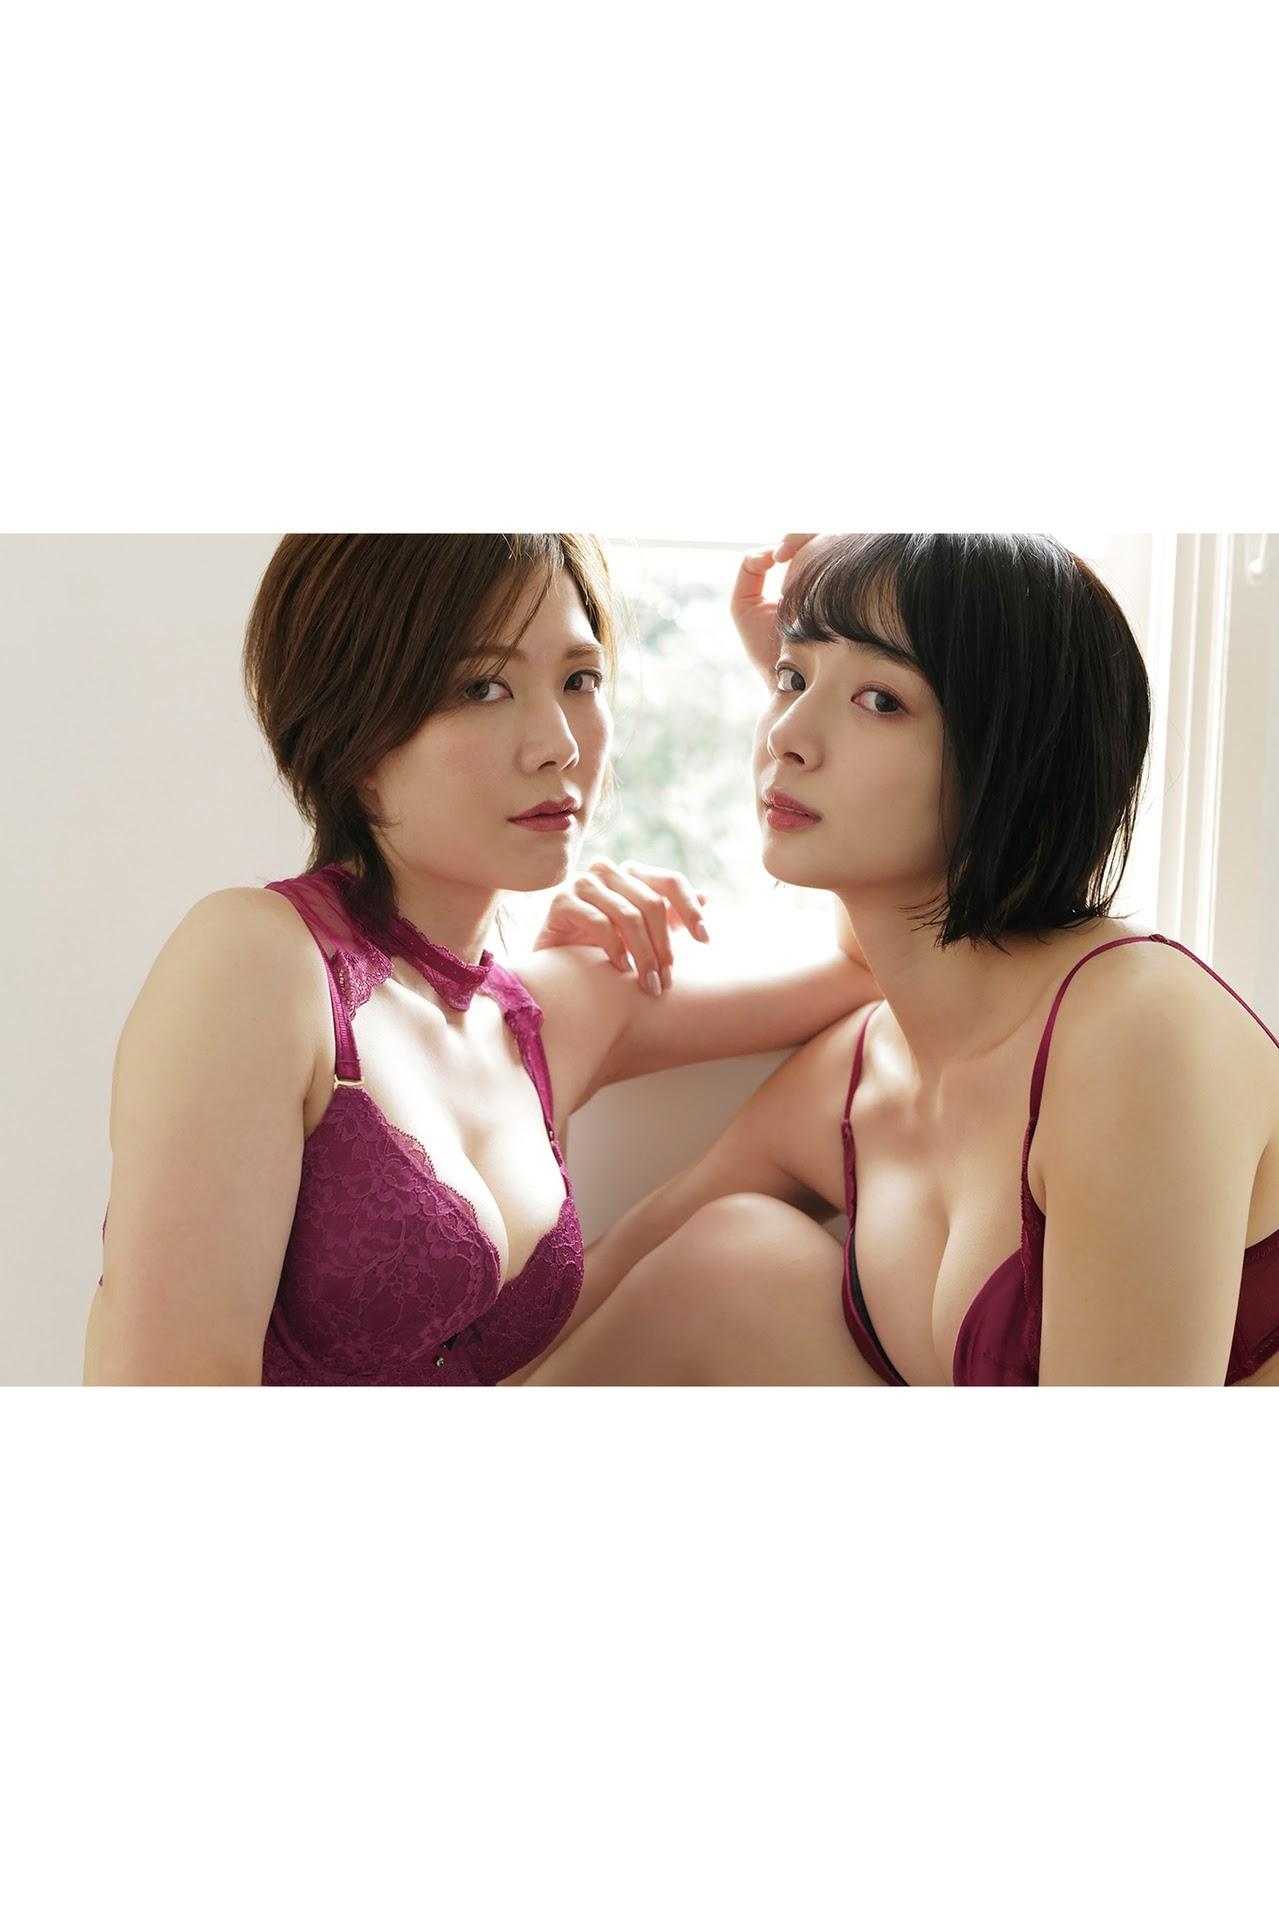 岡田紗佳 × 高宮まり35